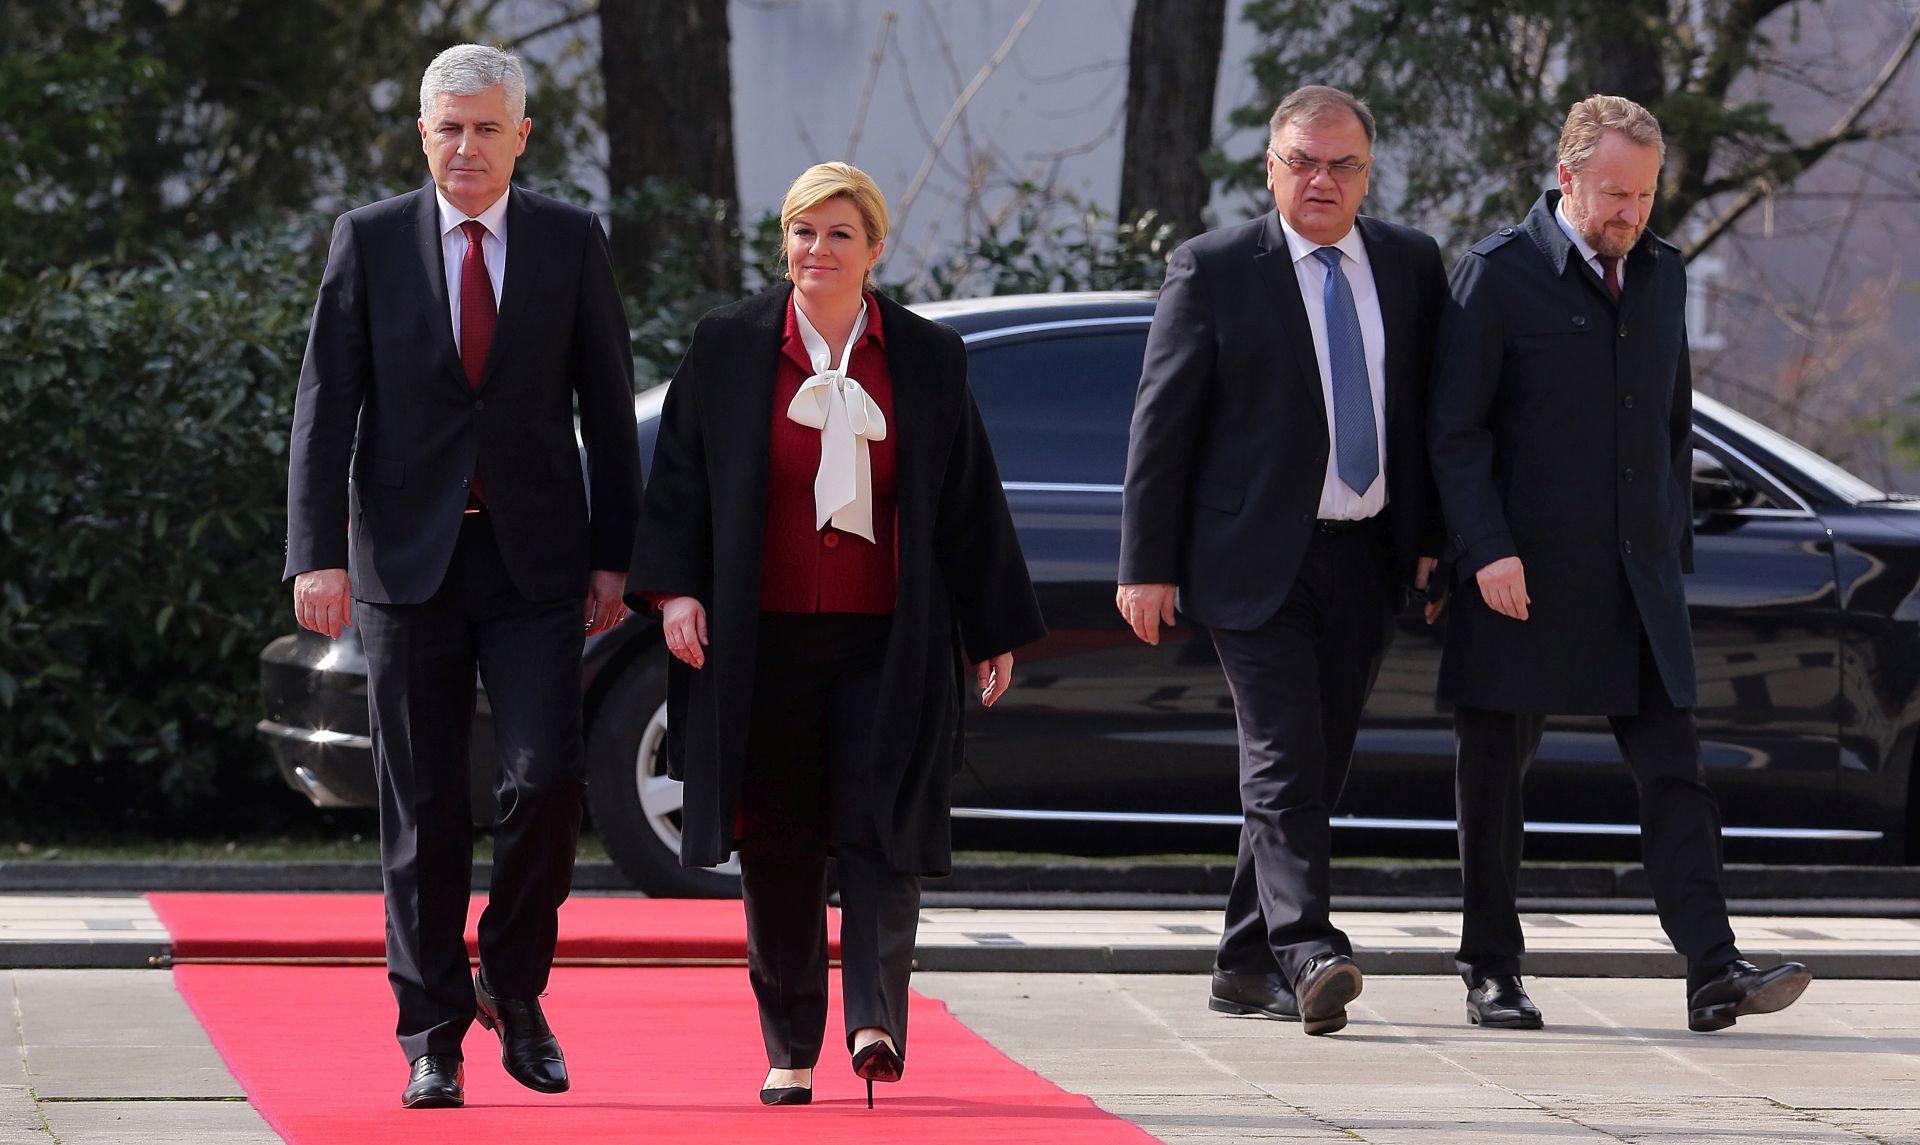 SDP BiH O OCJENAMA PREDSJEDNICE: 'Potvrđuju politiku uplitanja i destabiliziranja odnosa i prilika u BiH'